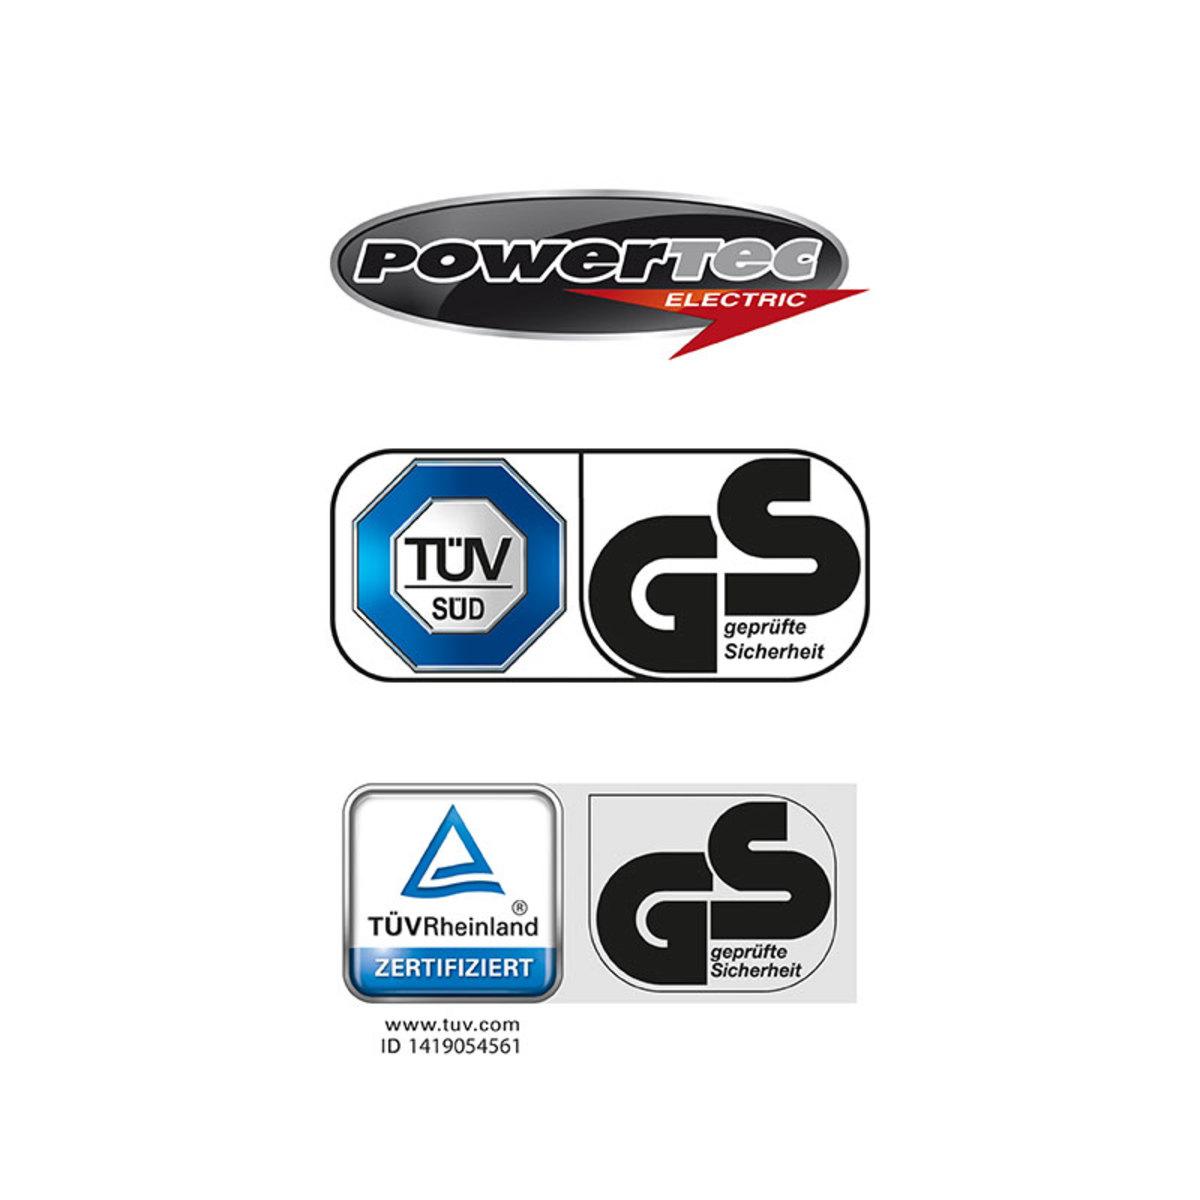 Bild 2 von Powertec Electric Eck-Steckdosenleiste